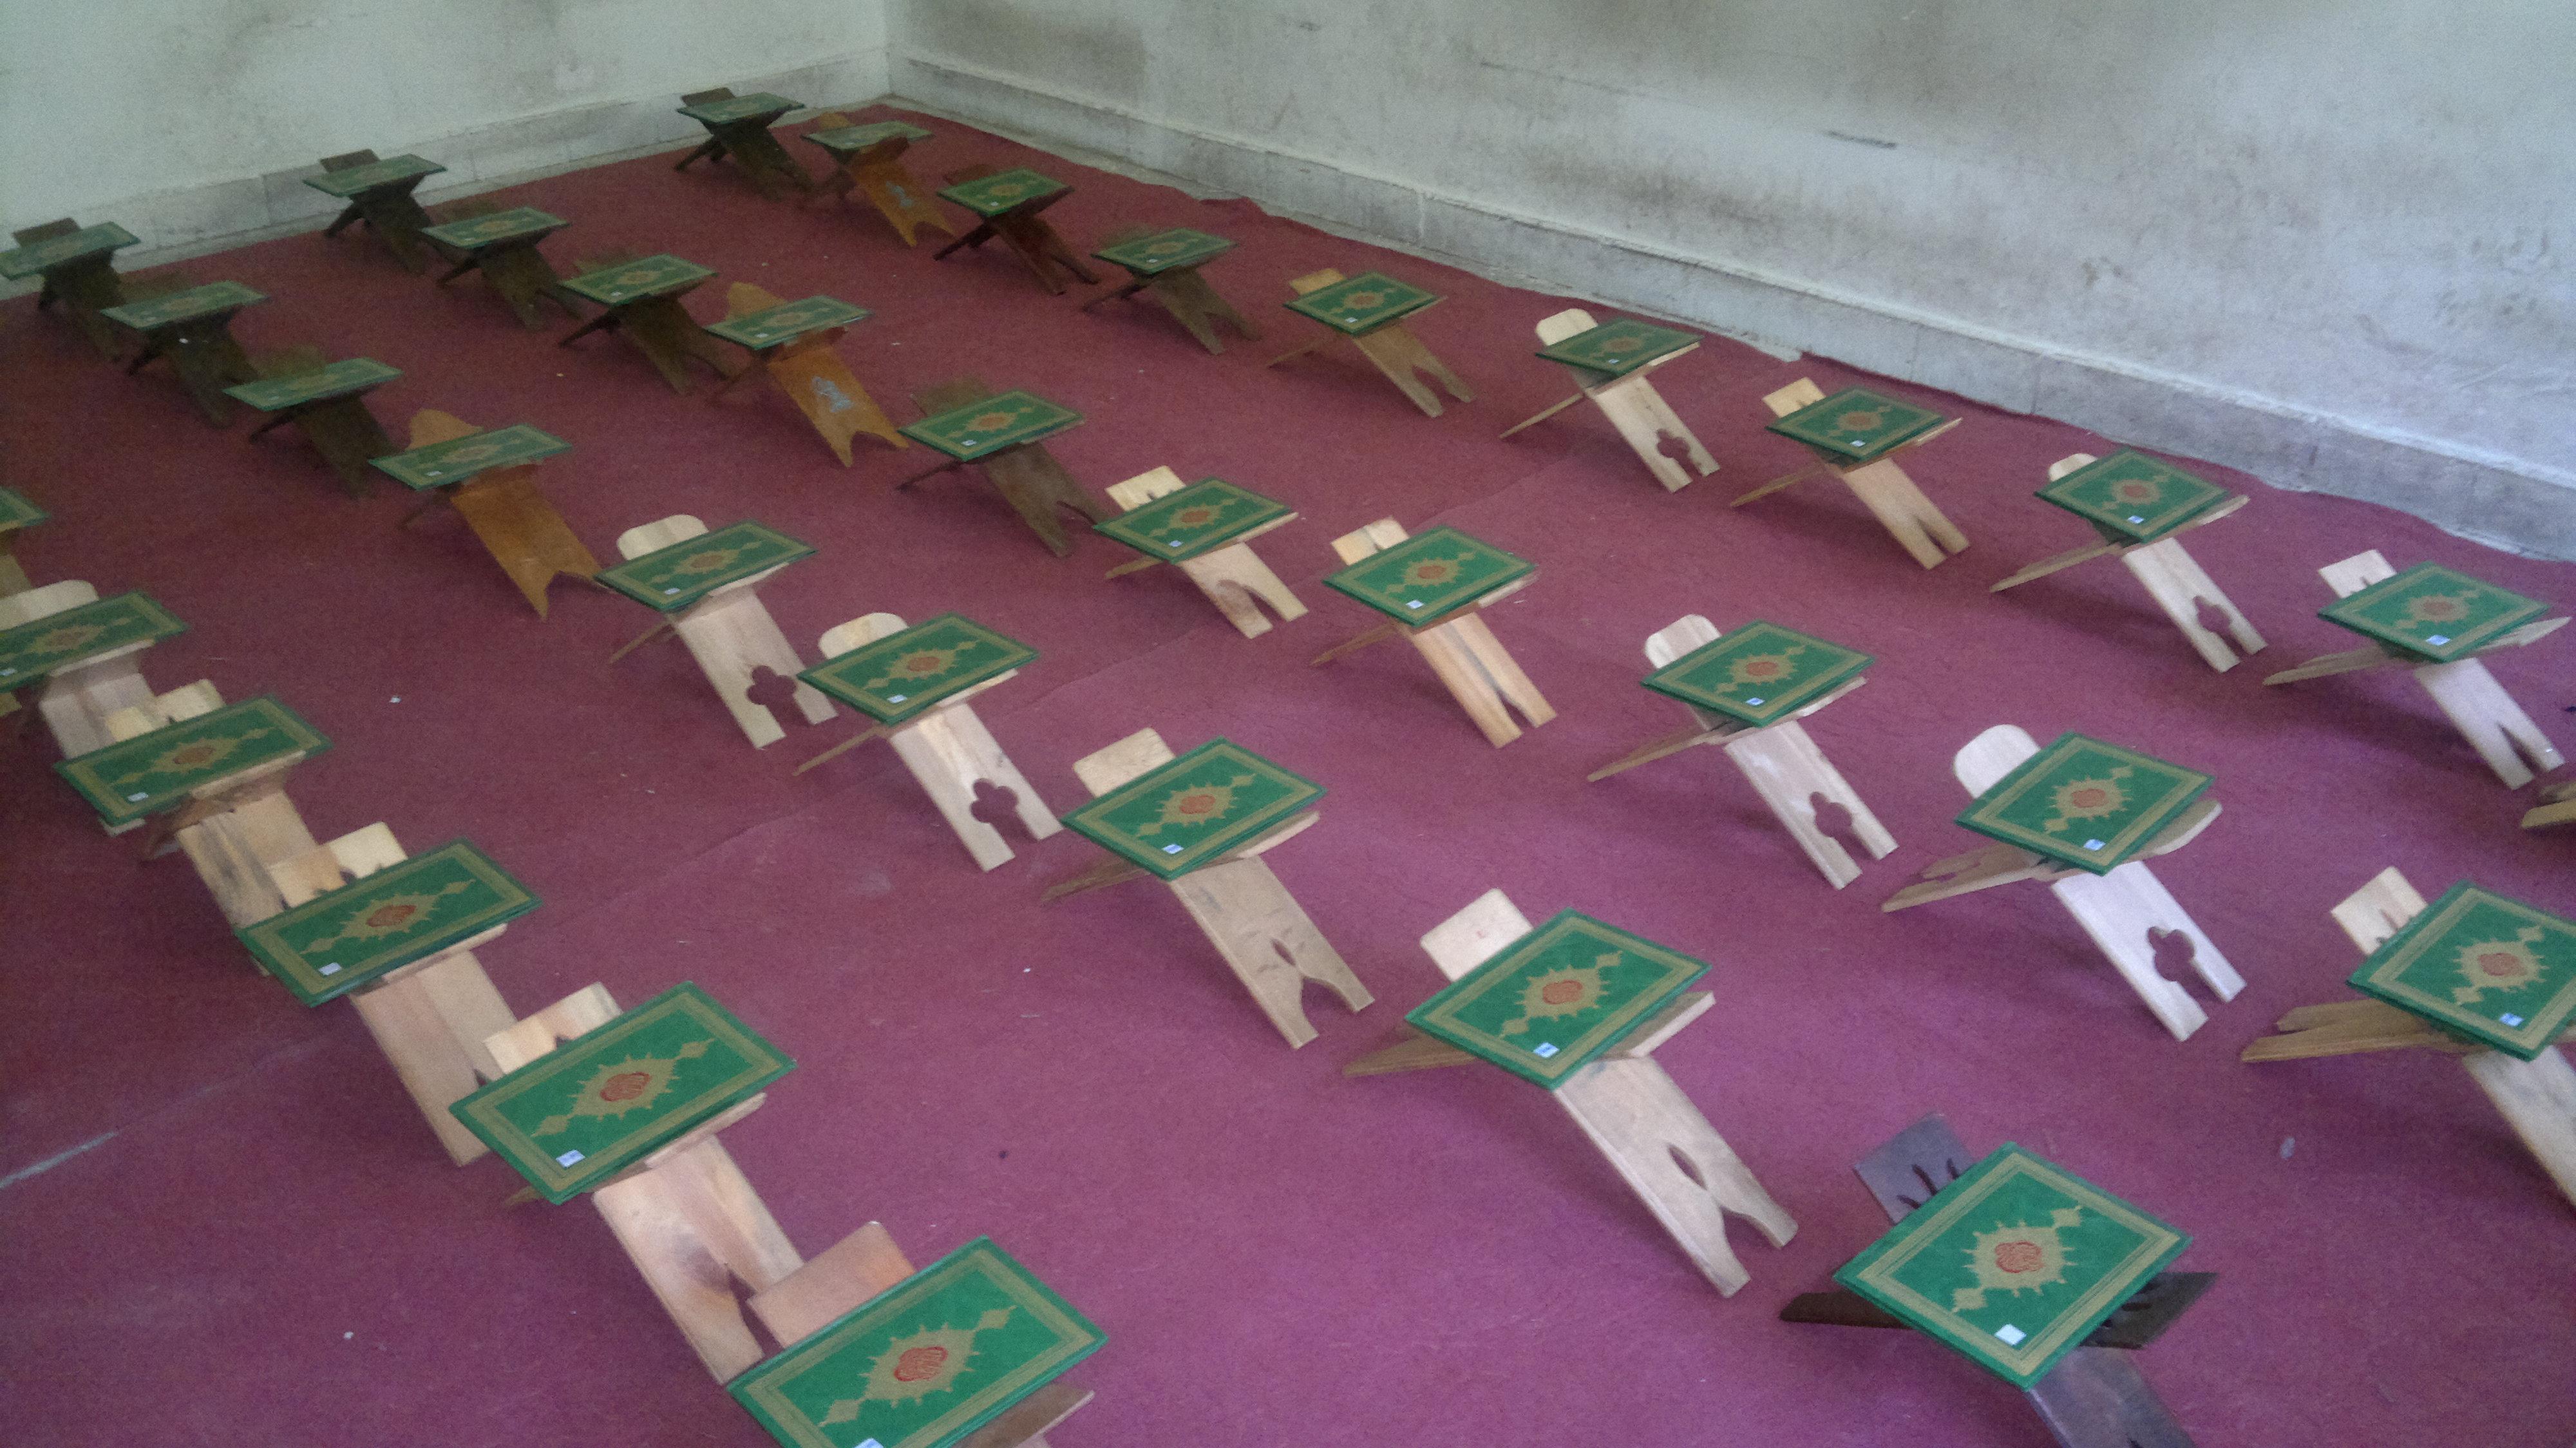 تشکر از مربی ورزشی مجتمع آموزشی و پرورشی حضرت محمد بن جعفر دبستان پسرانه ی دز 1